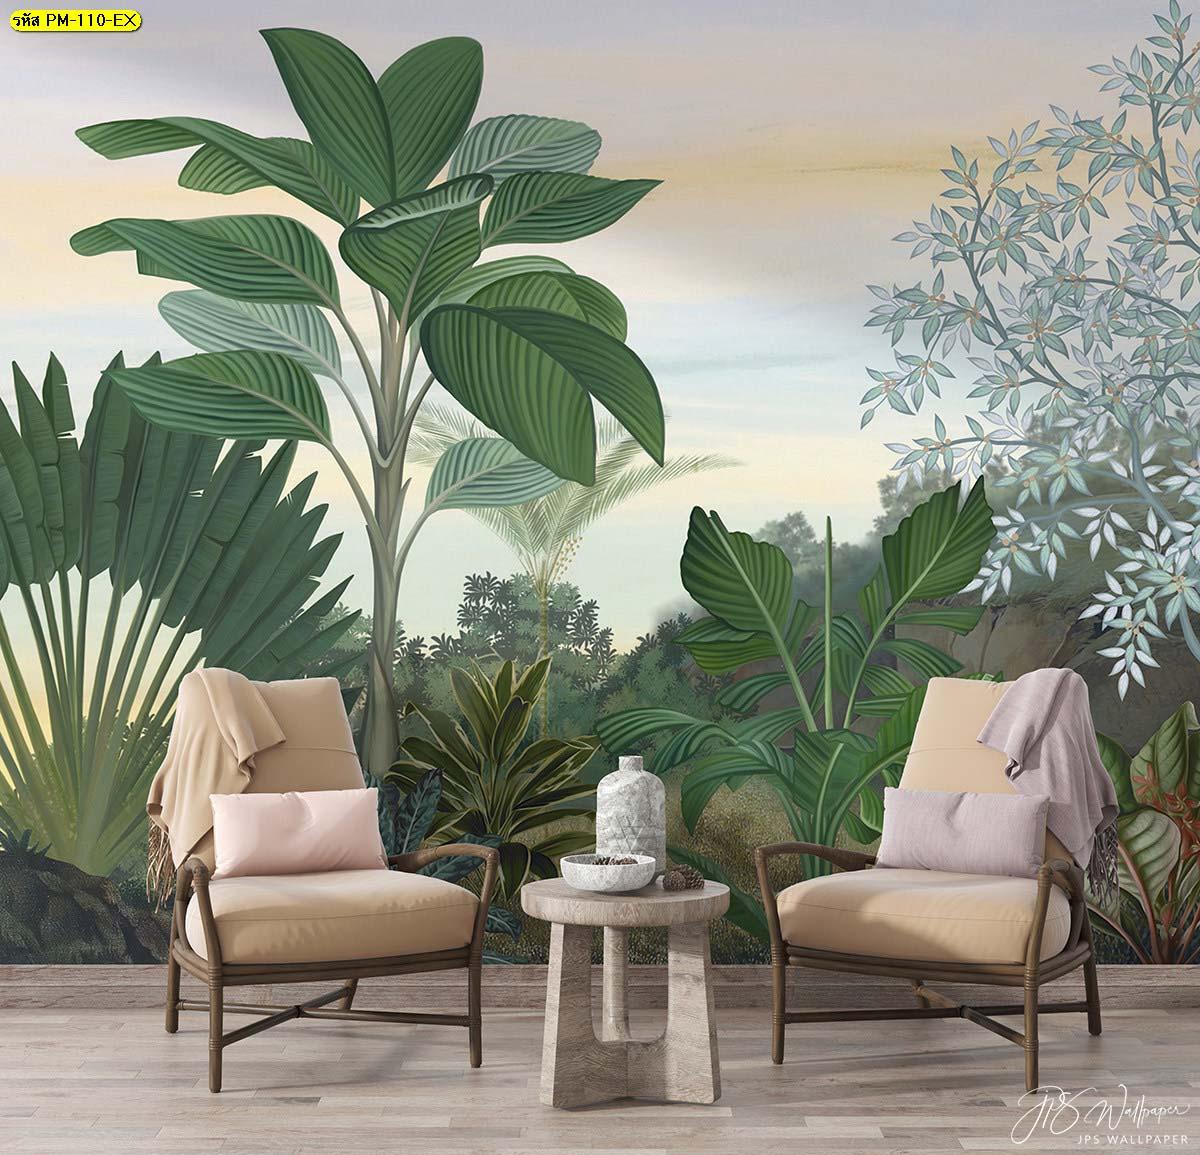 มุมนั่งเล่นพักผ่อนและต้อนรับแขกในบรรยากาศชิวๆ ให้ความเป็นกันเอง วอลเปเปอร์สวนป่านานาพันธุ์